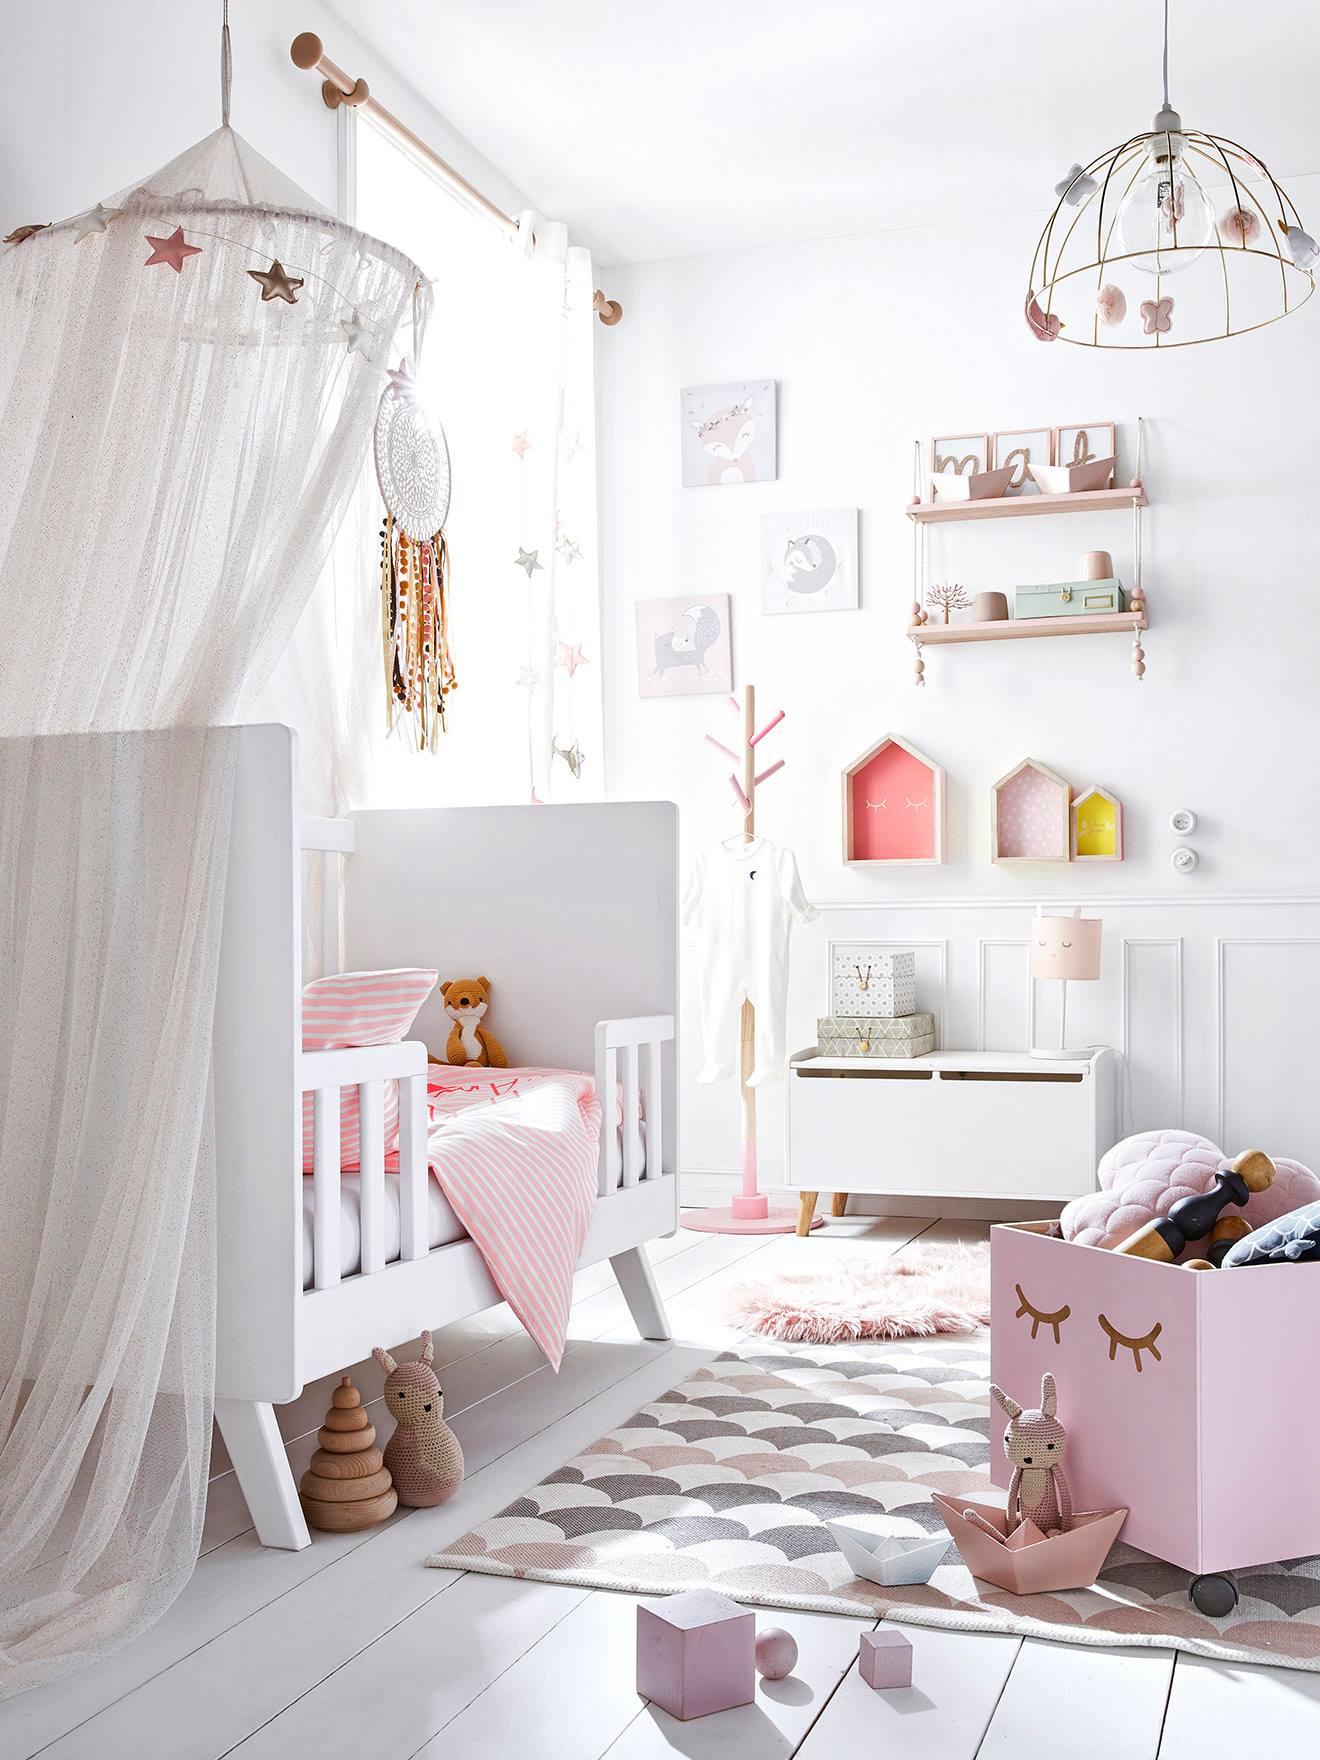 Ciel de lit Paillettes rose poudré - Vertbaudet